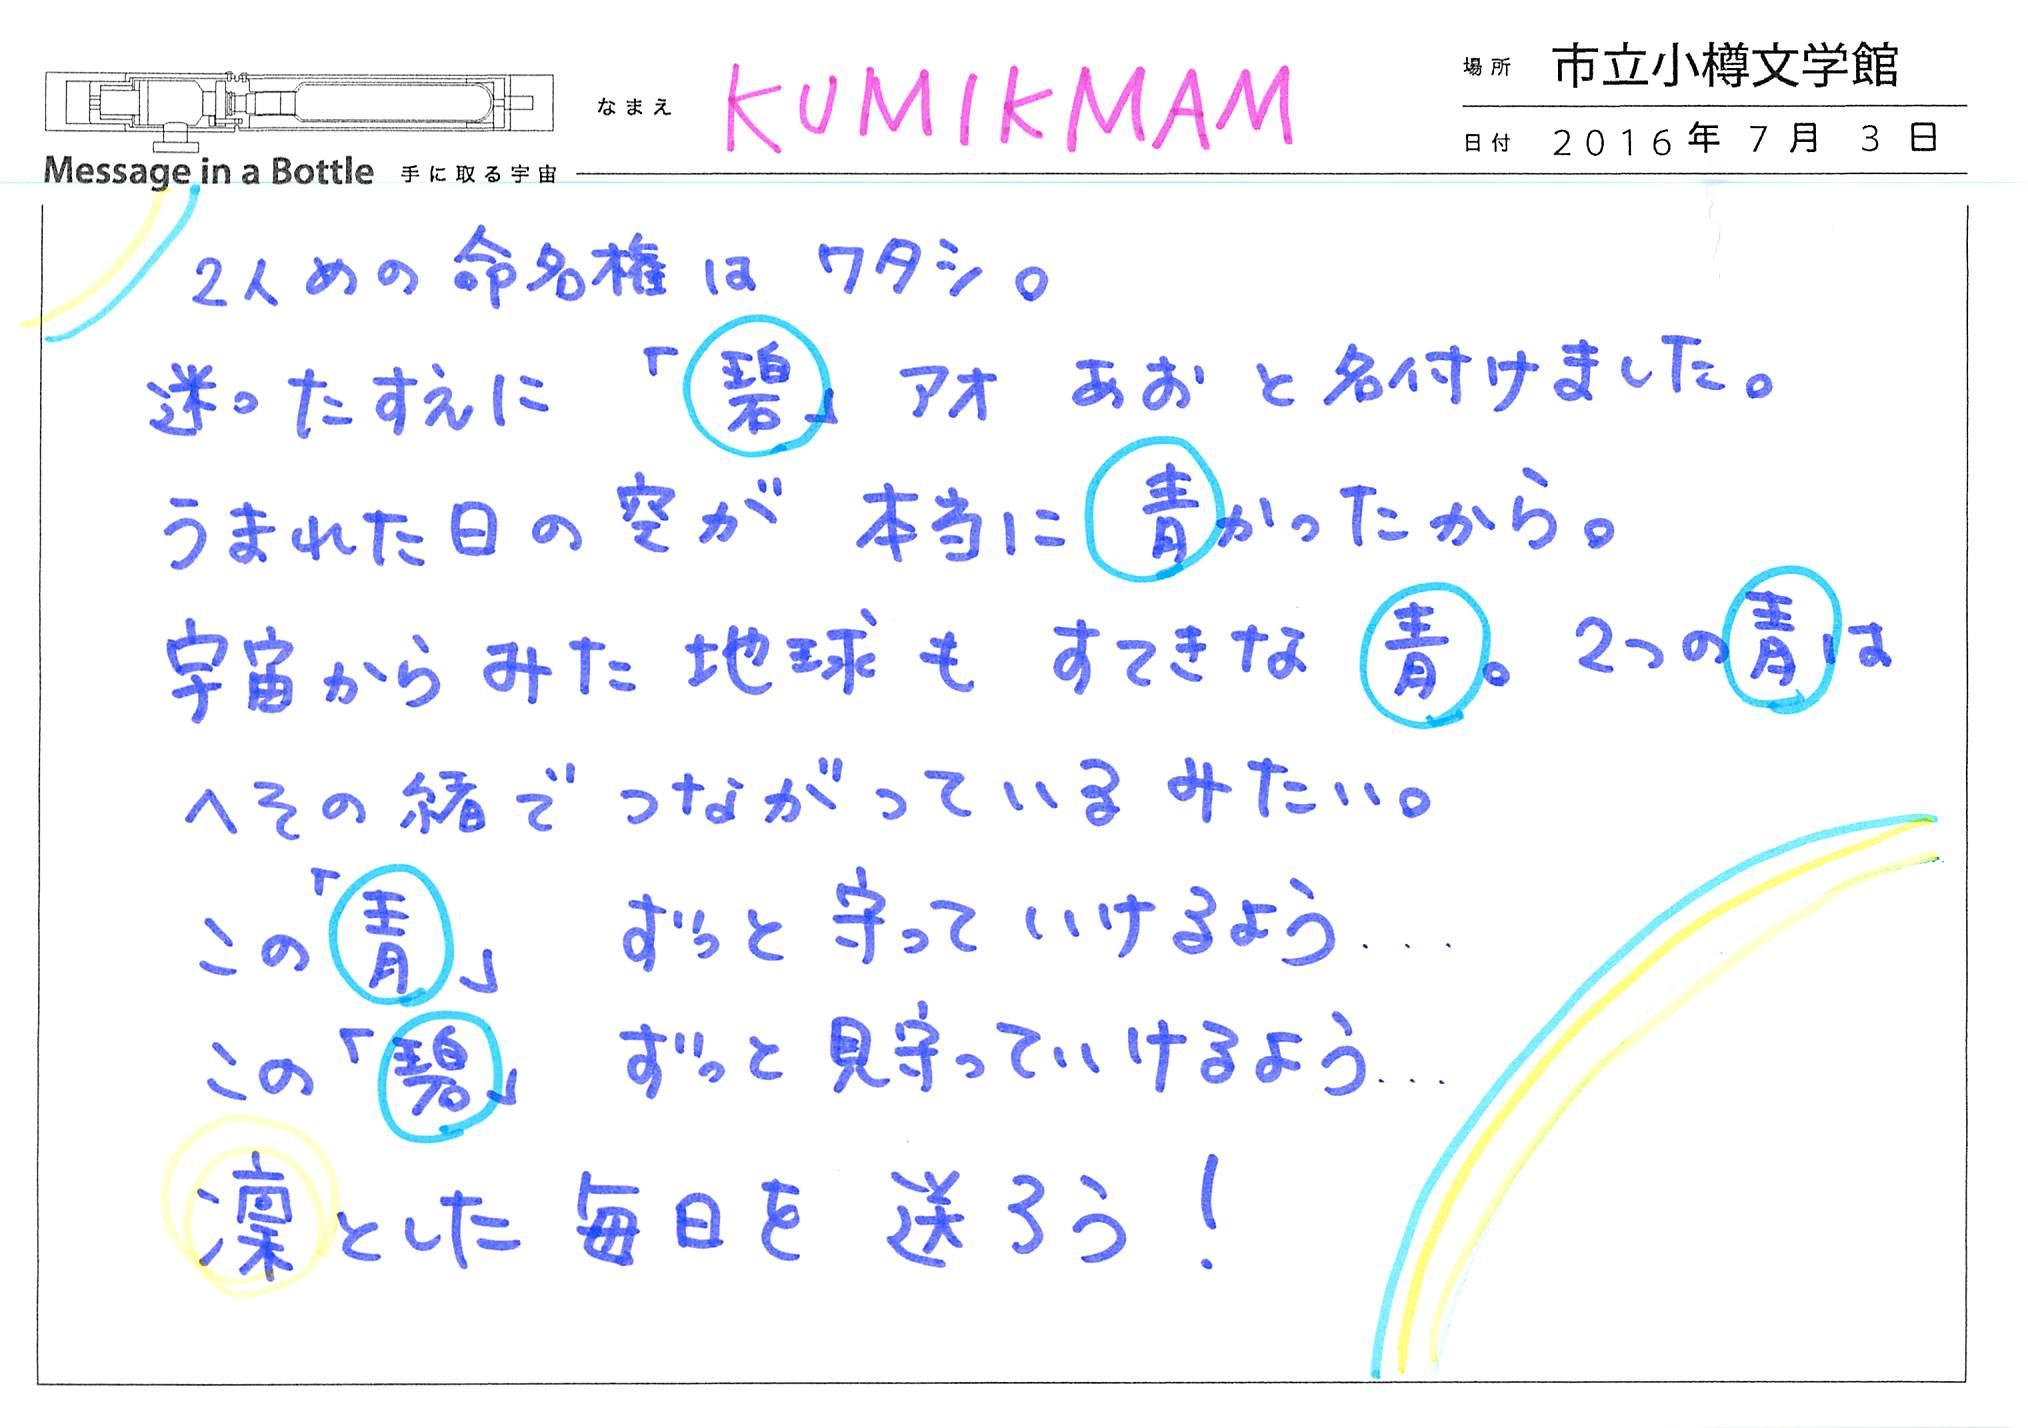 2016-07-03-19-39-55.jpg